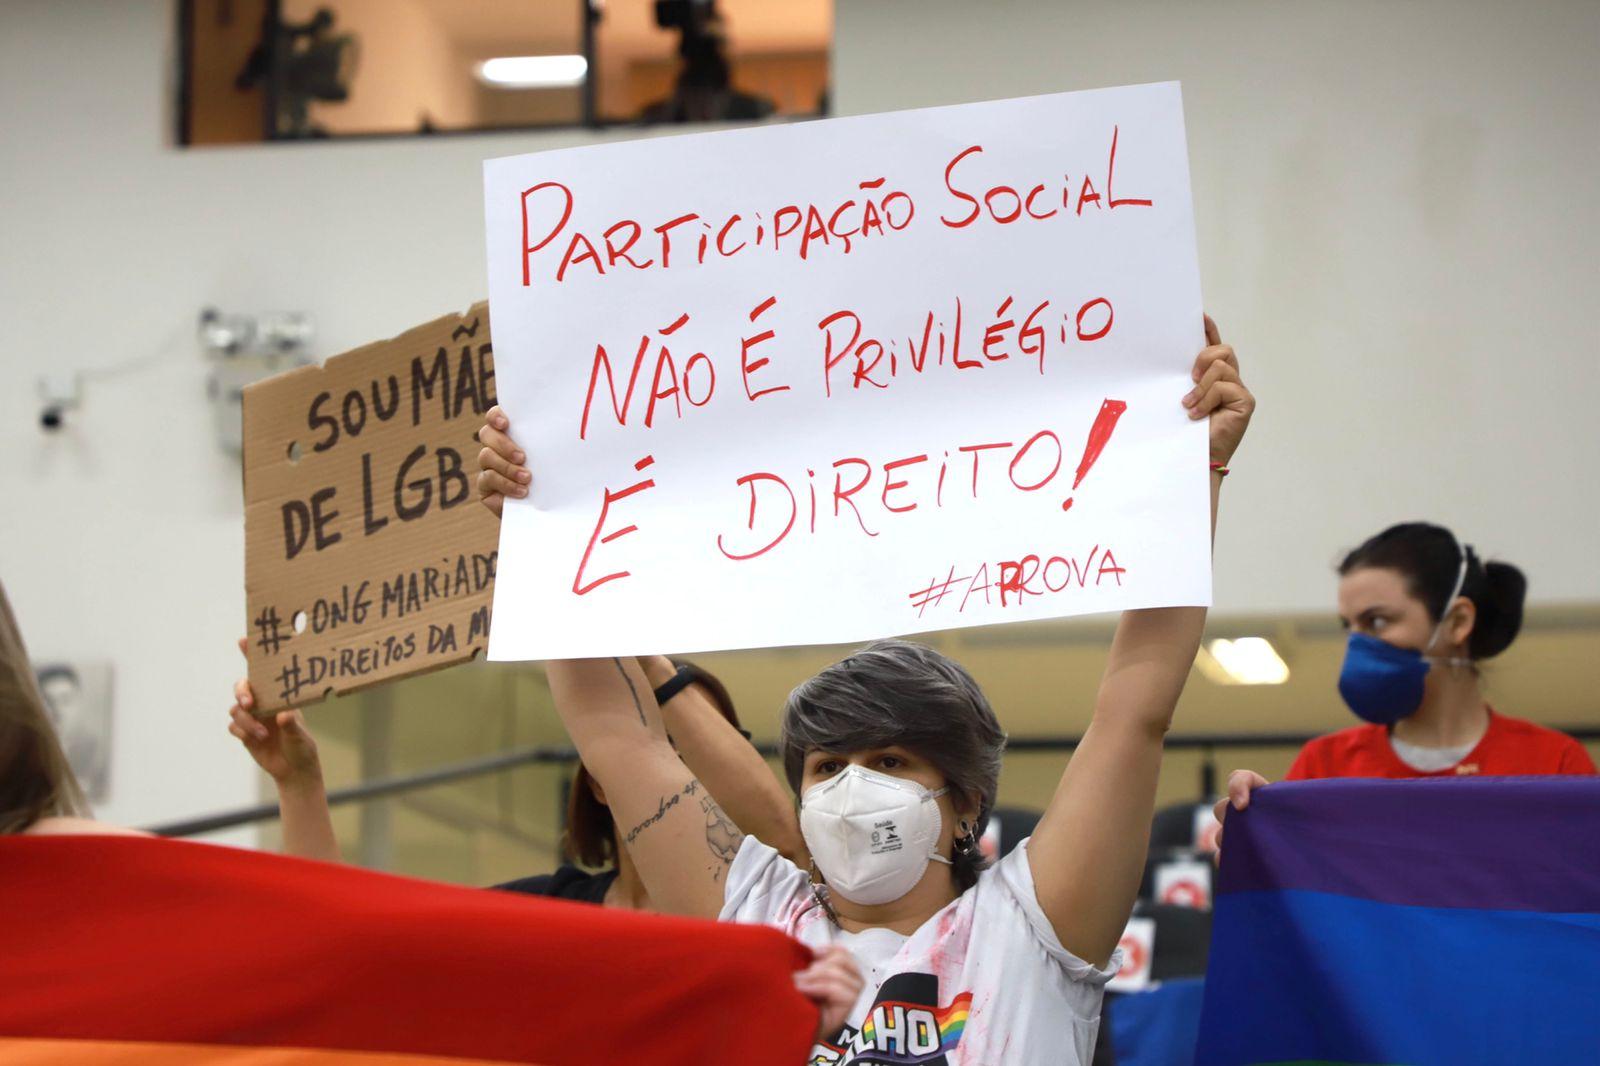 Projeto de Lei sobre a criação do Conselho Municipal de Direitos LGBTI+ é suspenso por quatro sessões